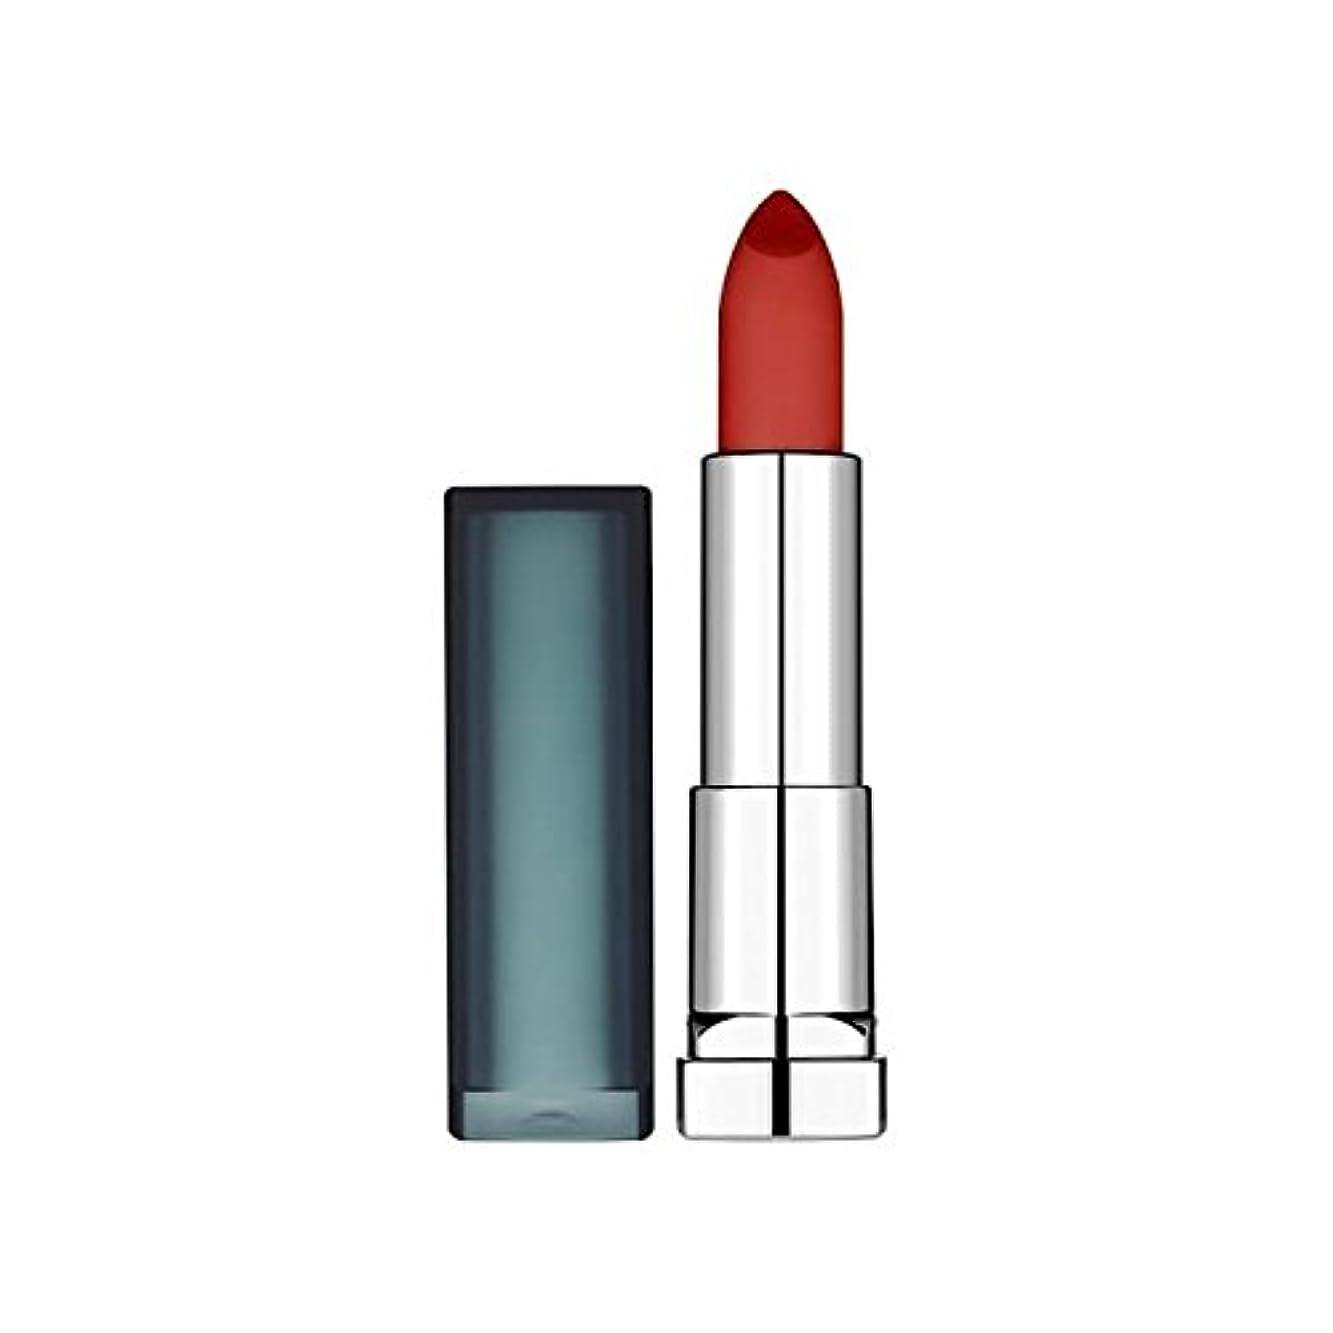 運命的な液化するプレビスサイトMaybelline Sensational Lipstick Creamy Matte Burgundy Blush - メイベリンセンセーショナルな口紅クリーミーマットバーガンディ赤面 [並行輸入品]